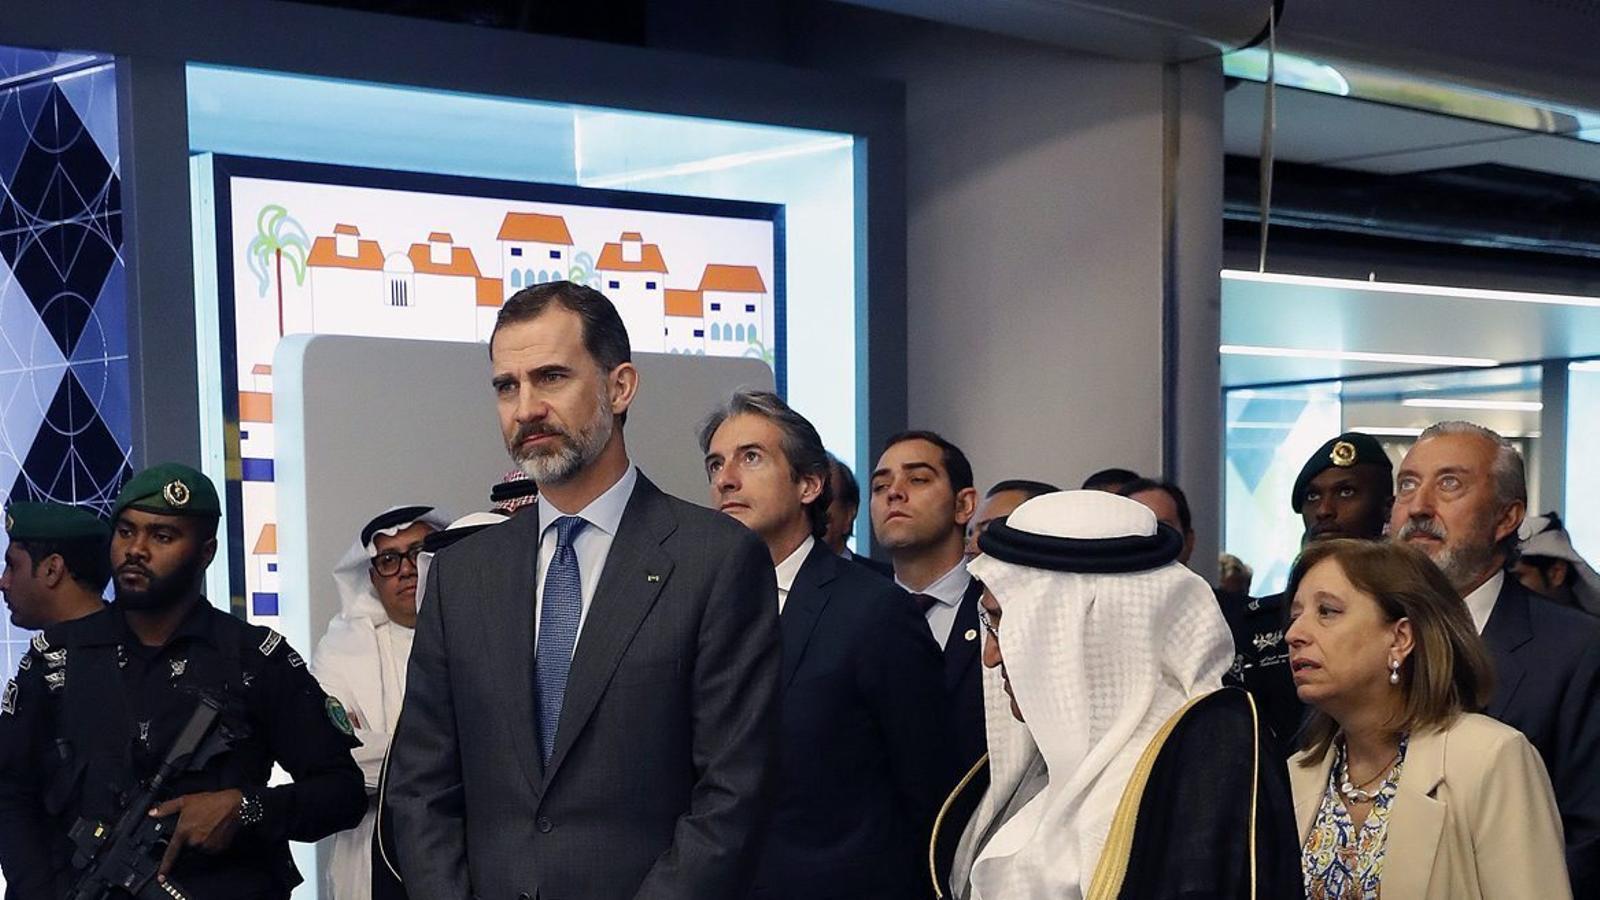 El rei Felip VI  en una visita a una planta d'energia renovable, a Riad, durant el seu viatge amb una delegació d'empresaris  a l'Aràbia Saudita.